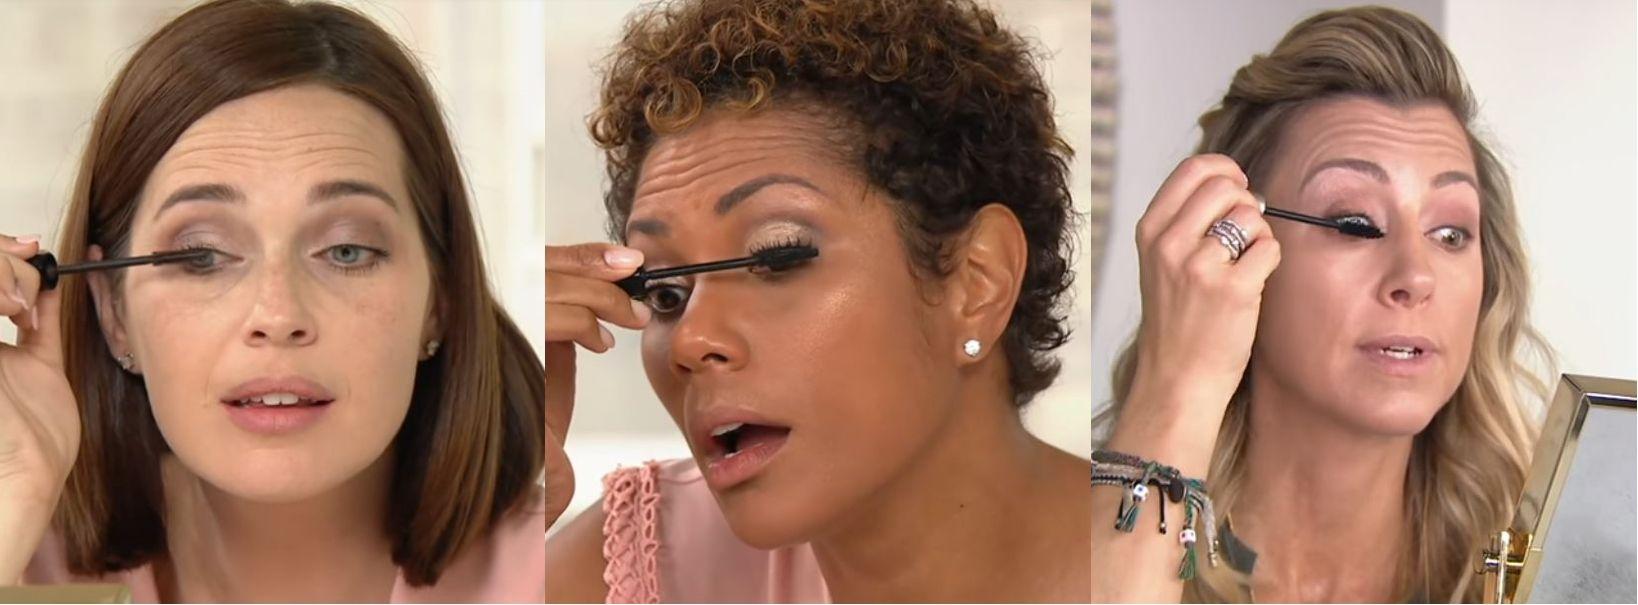 mascara foreheads.jpg